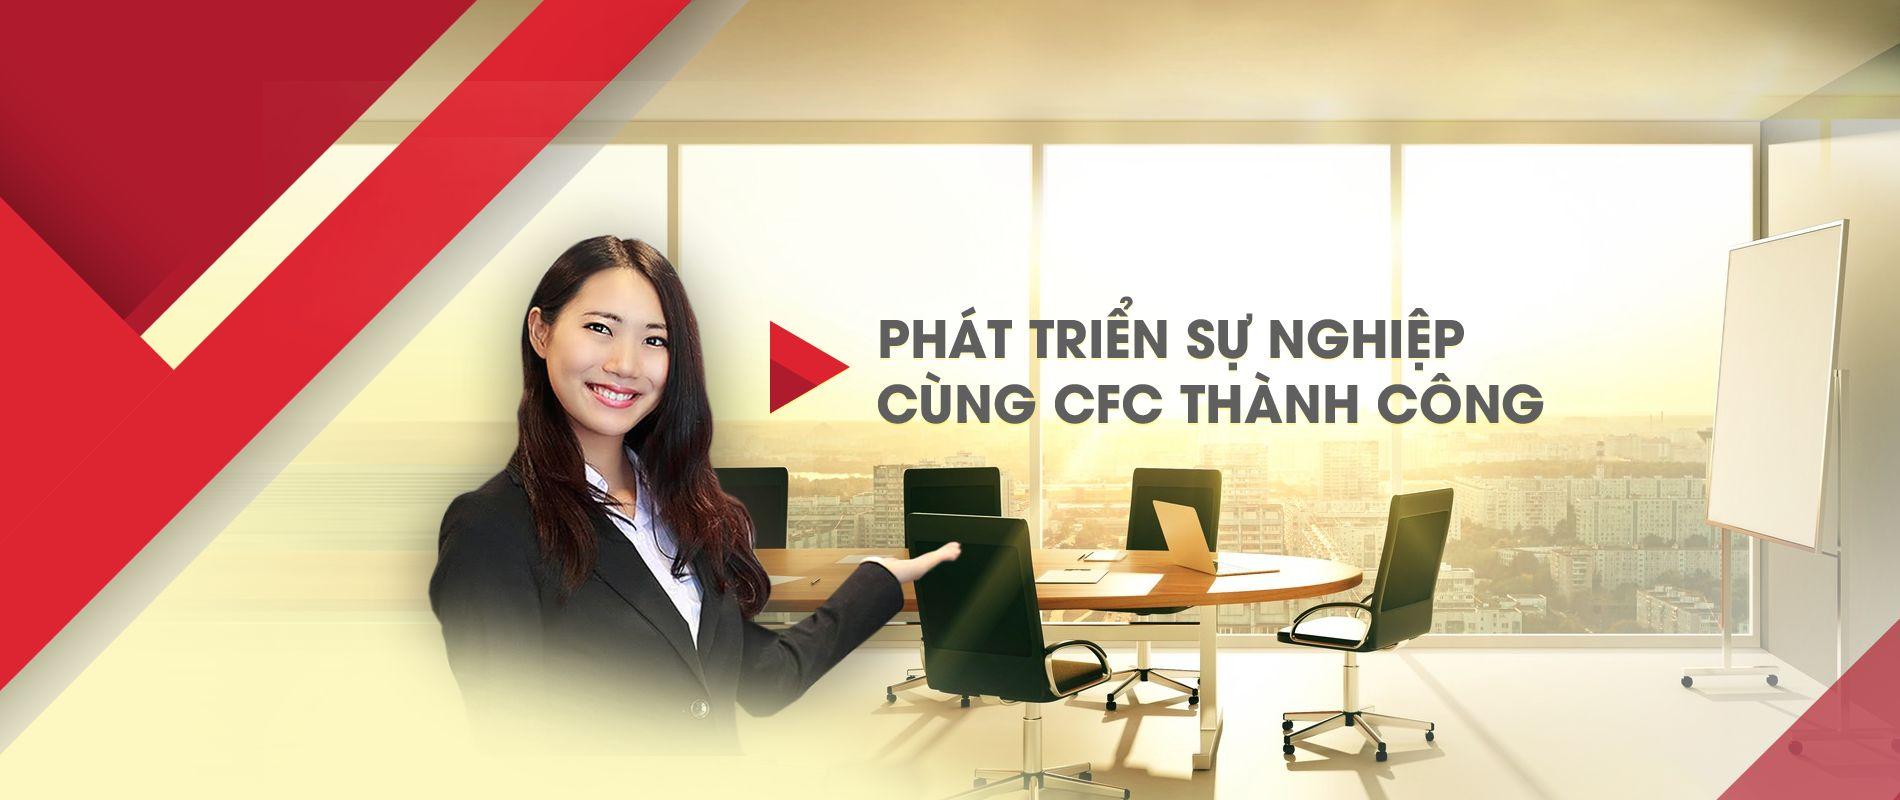 Chuyên viên Kinh doanh giấy tờ có giá - Hà Nội